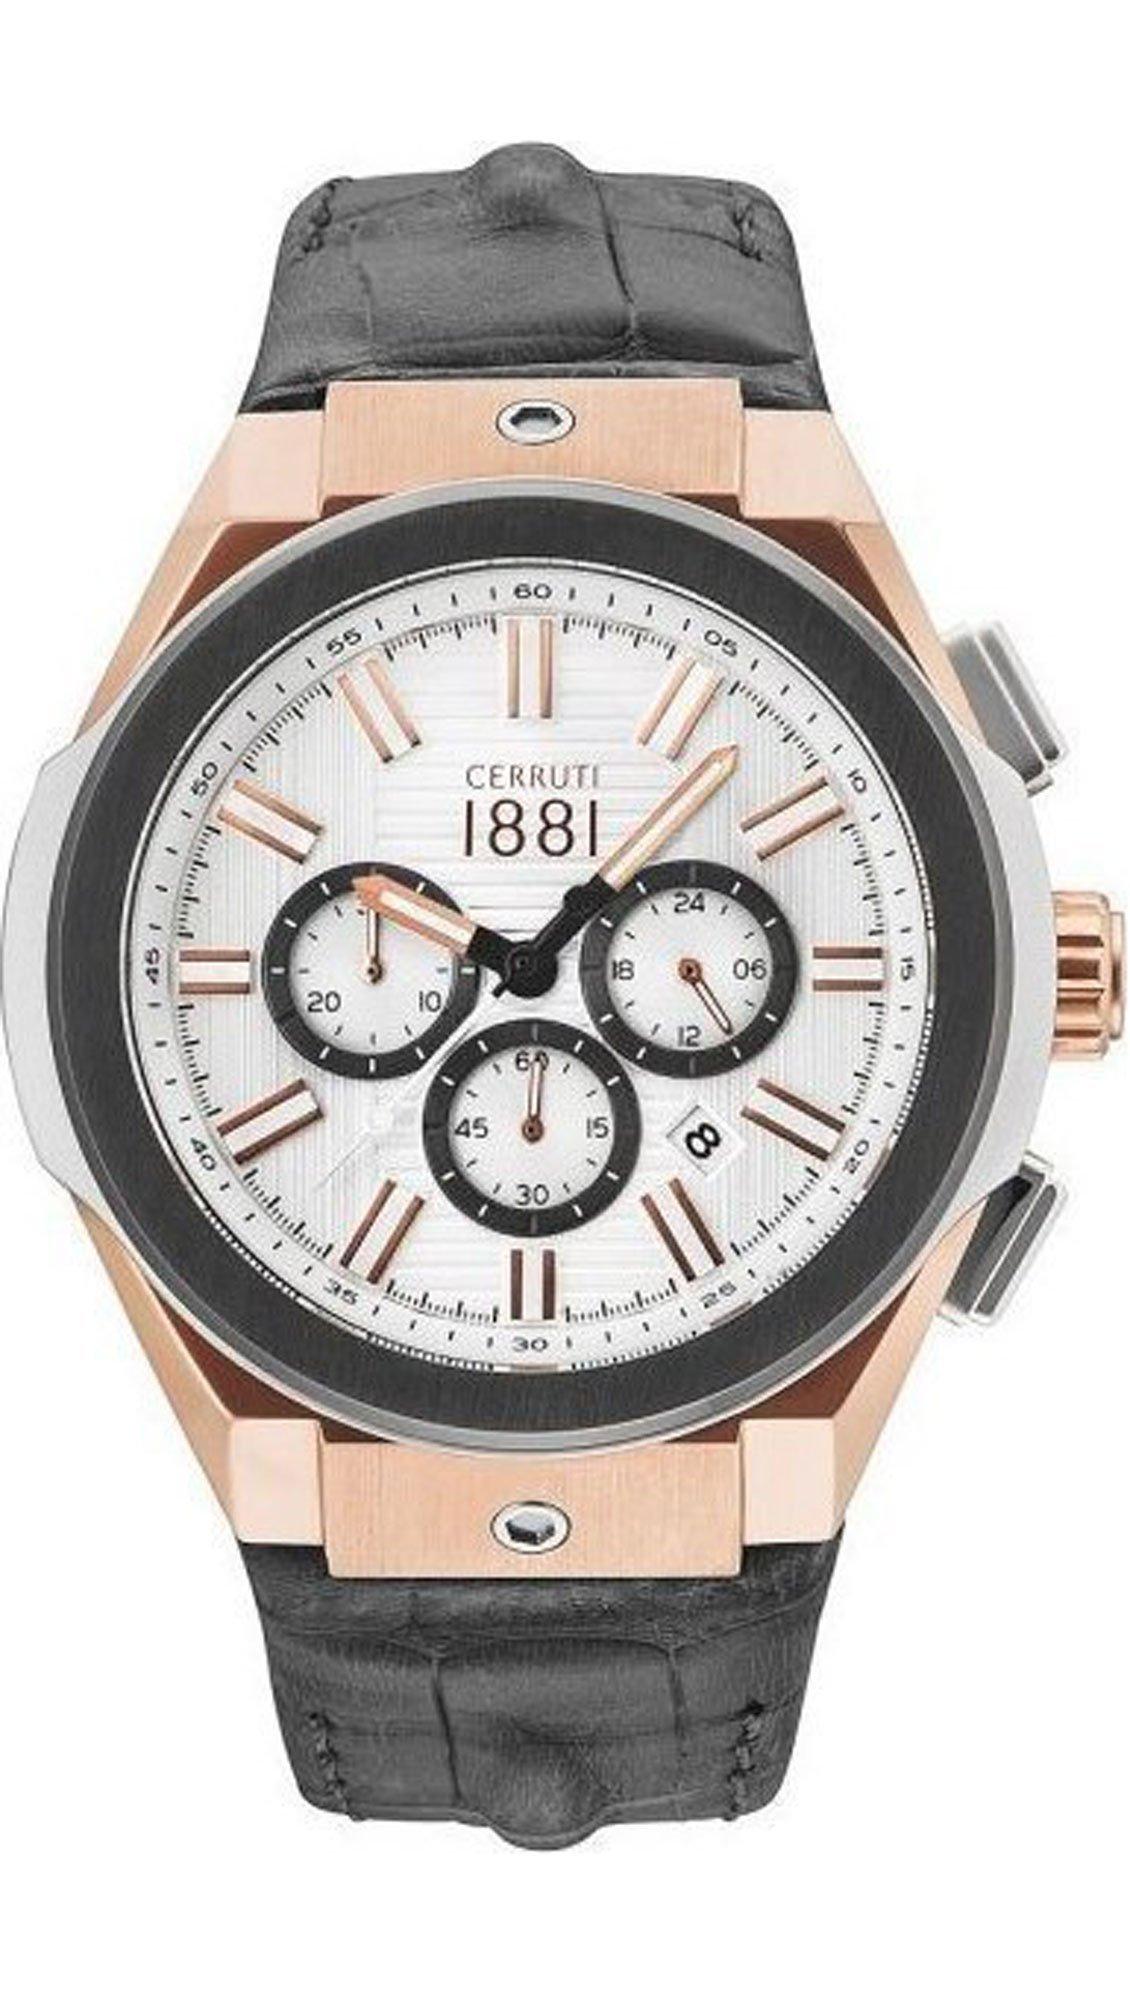 Ρολόι Cerruti Ruscello χρονογράφος με γκρι λουράκι CRA163SRU04GY ... 85ef58c652f